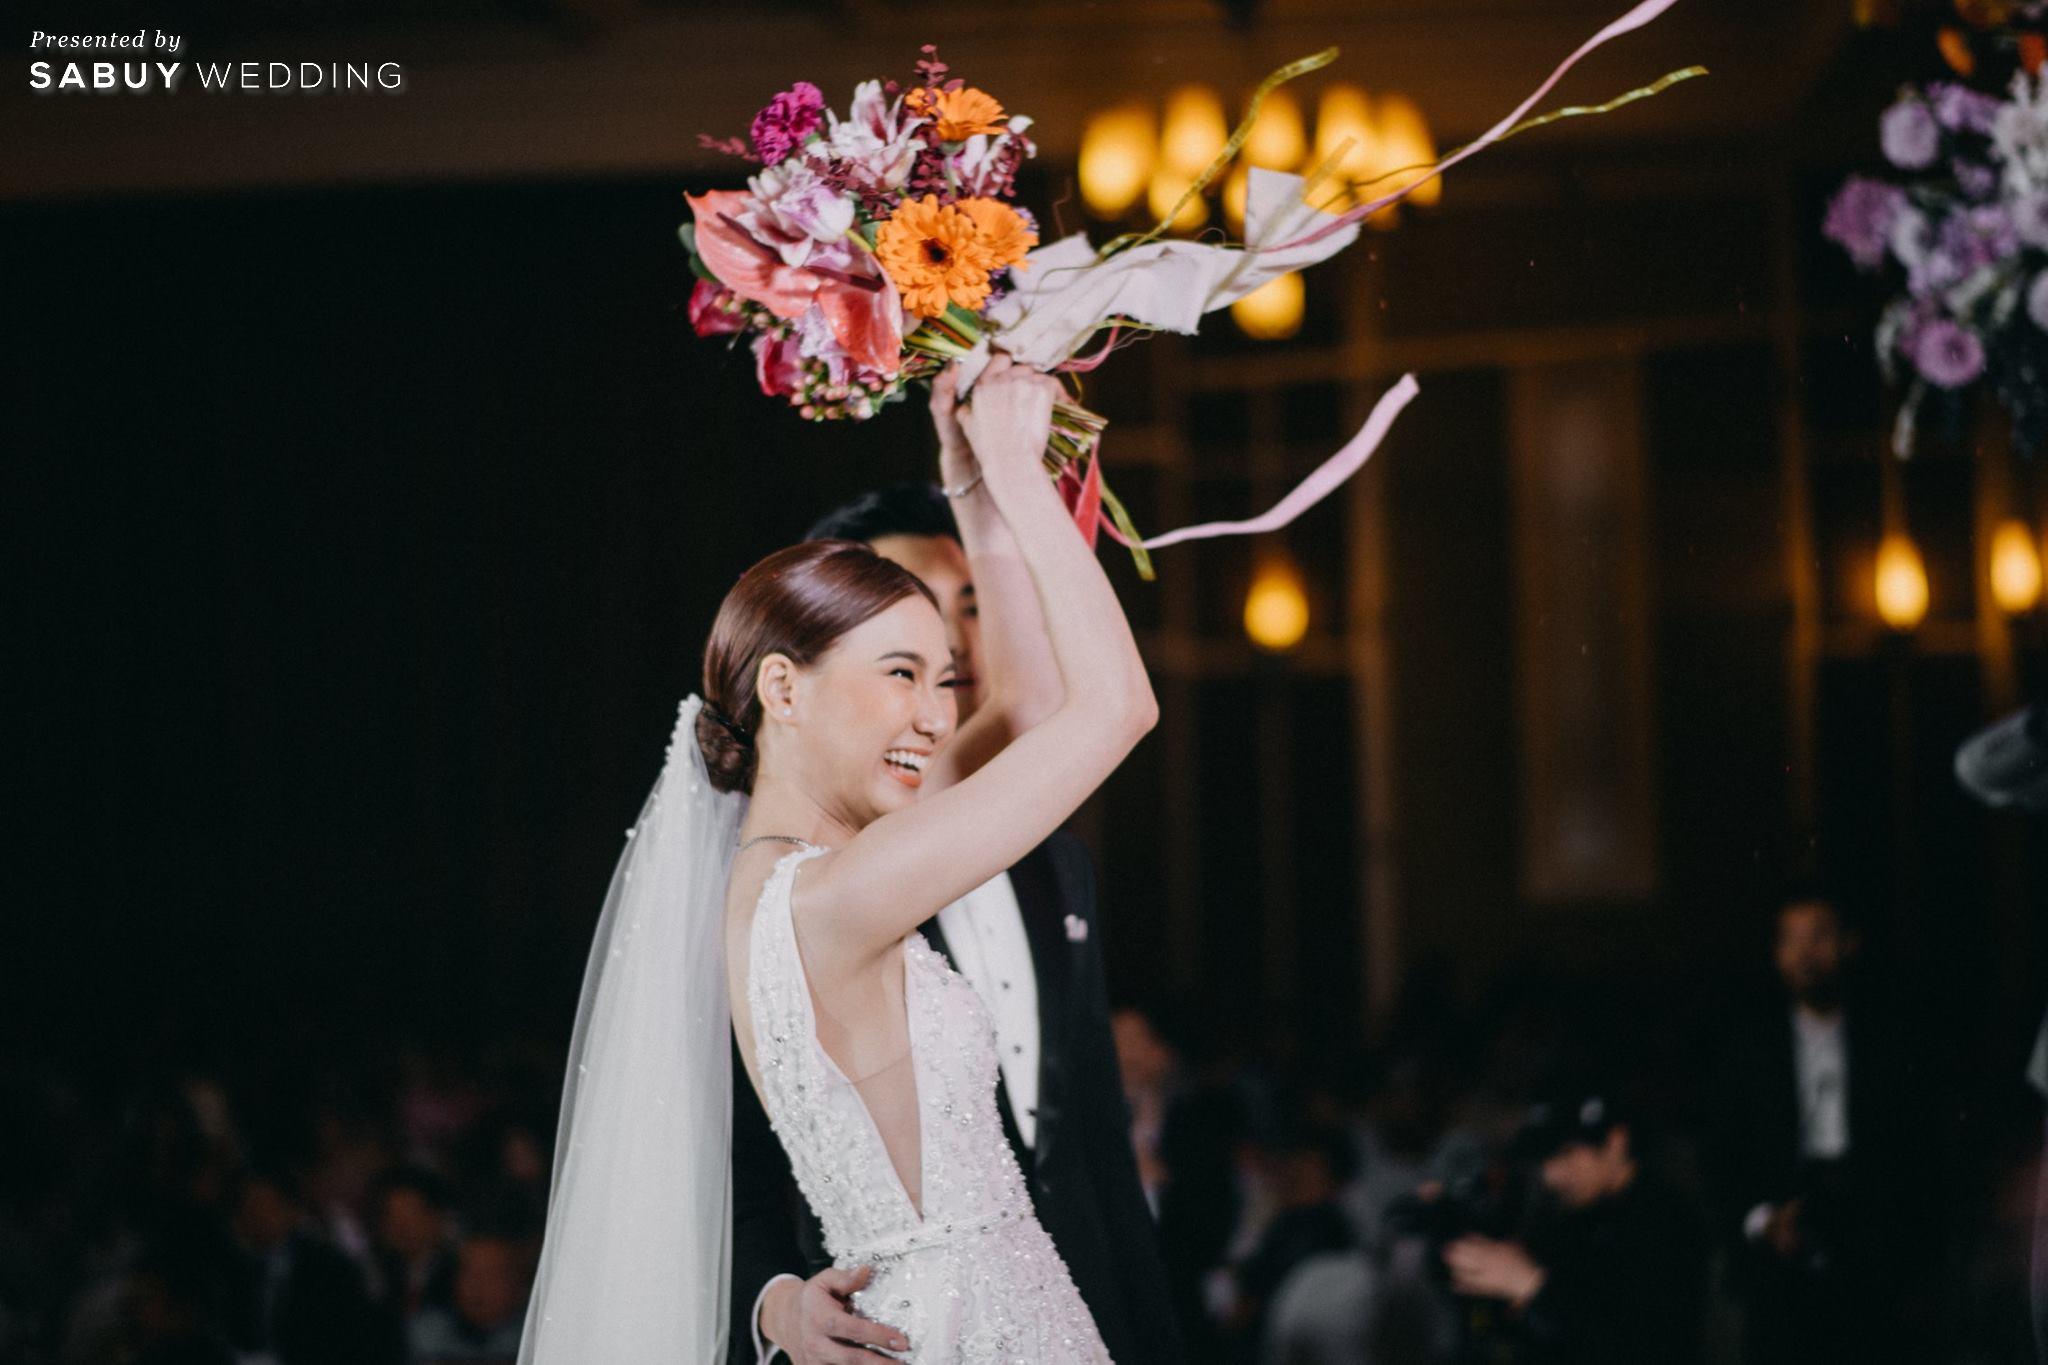 งานแต่งงาน,เจ้าสาว,เจ้าบ่าว,ดอกไม้เจ้าสาว รีวิวงานแต่งสวยสุดด้วย Neon Light มีสไตล์แบบหวานซ่อนเปรี้ยว @ The Imperial Hotel and Convention Centre Korat